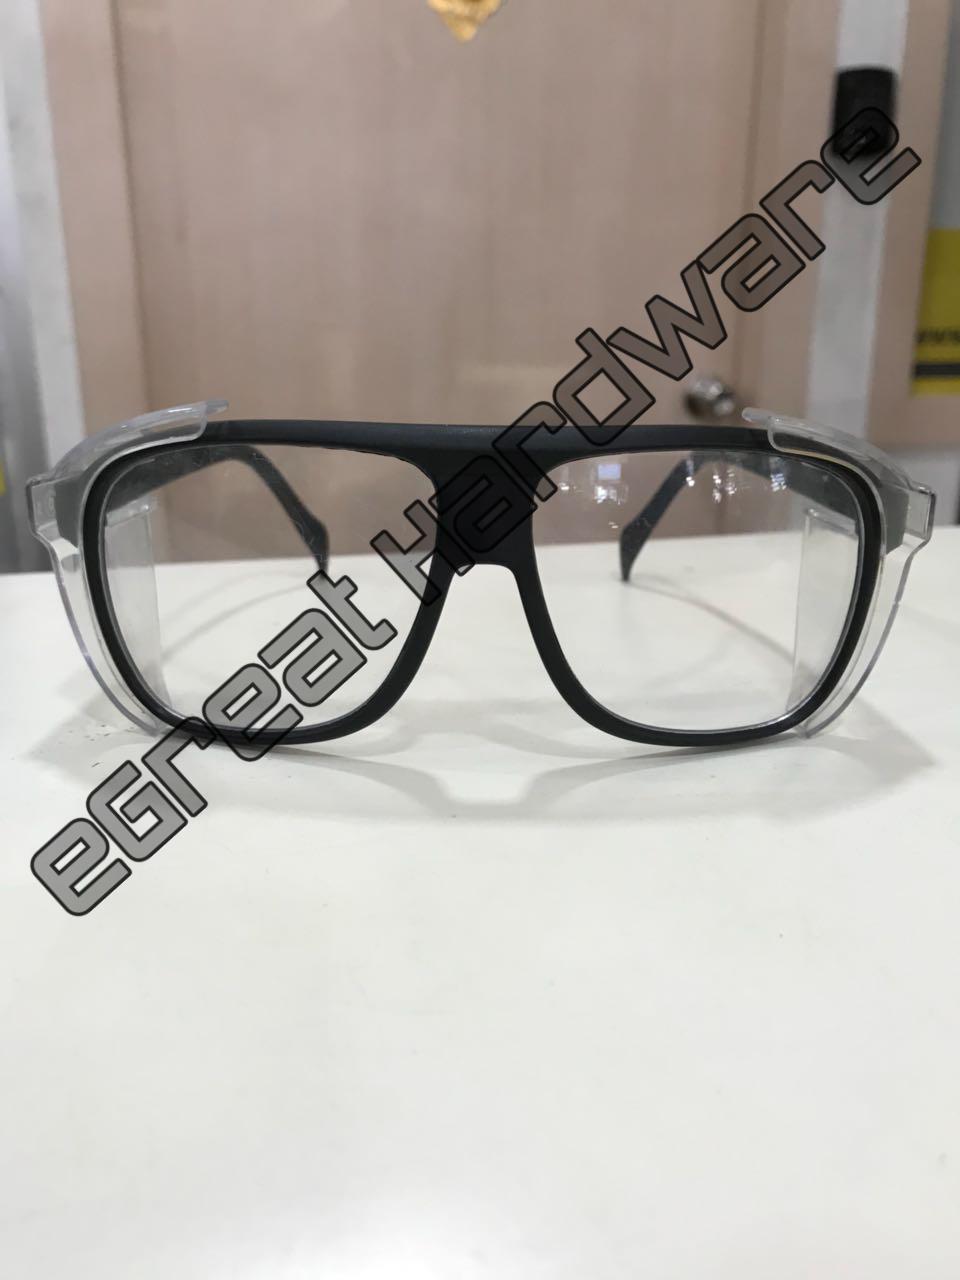 Fitur Safety Goggle Motocross Top Quality Kacamata Pelindung Bestguard Welding Google Glasses Kaca Mata Keamanan Las Buka Tutup Perkakas Tool G112 Saf Eva